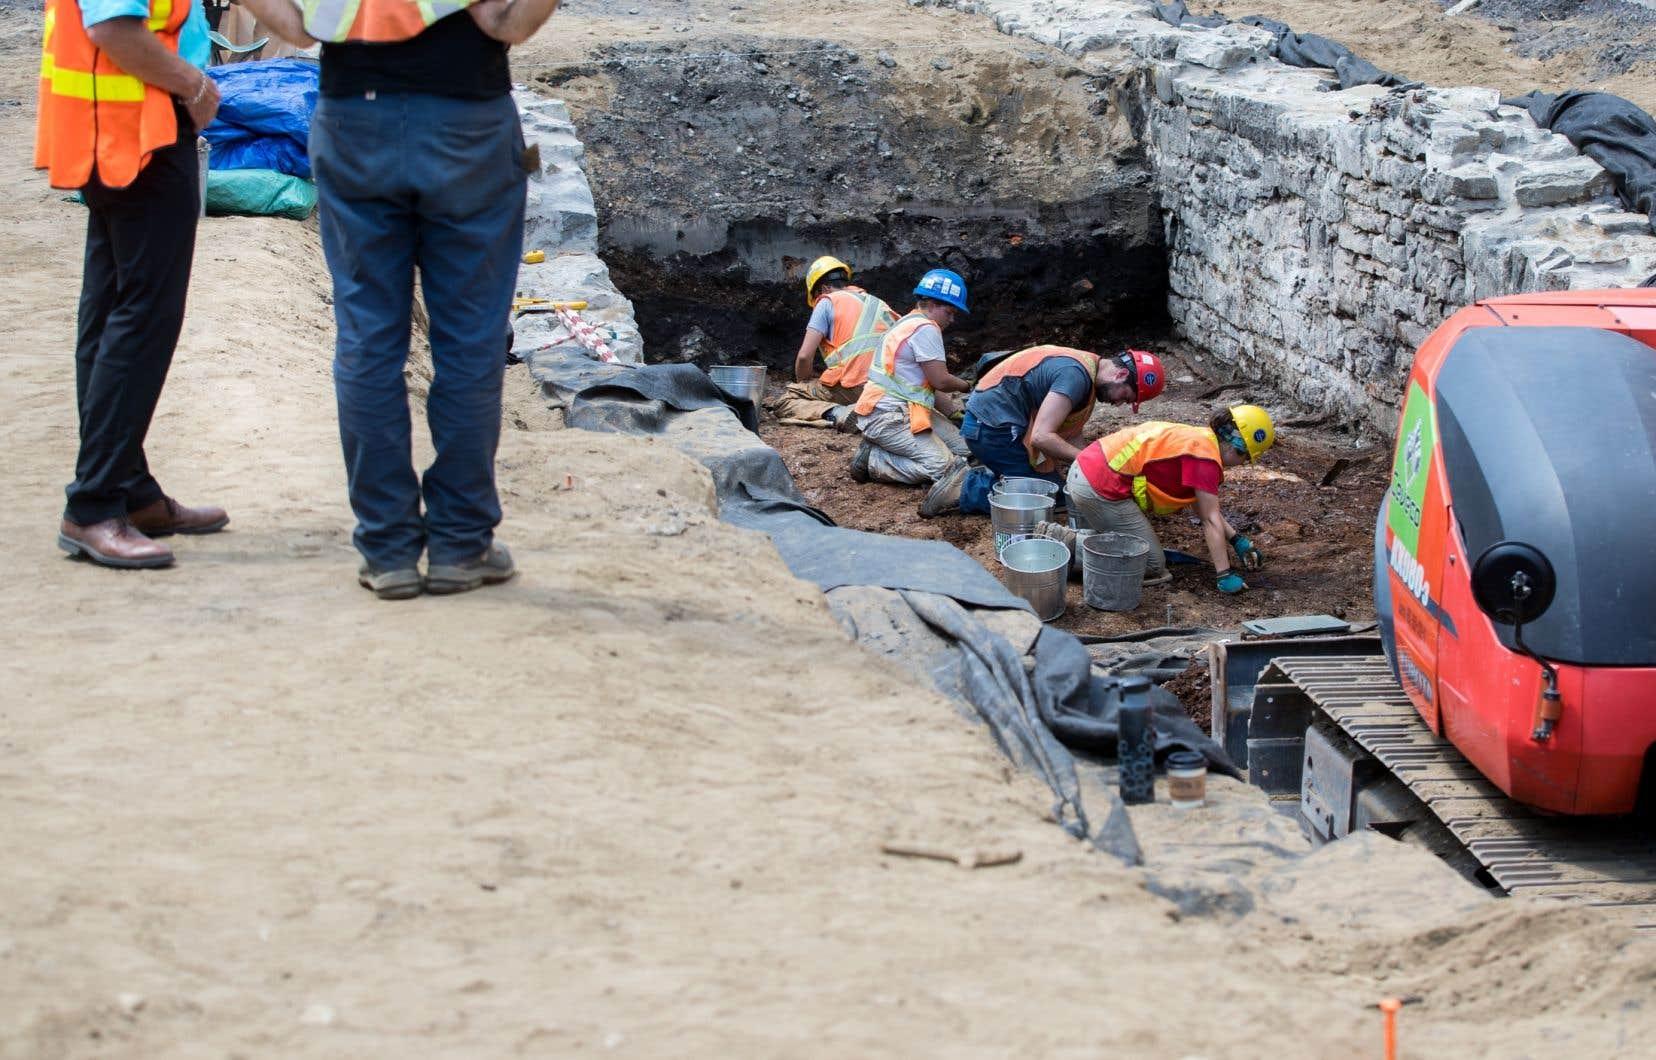 Les archéologues de Québec n'auront plus accès aux artefacts qui sont issus de leurs chantiers de fouille.